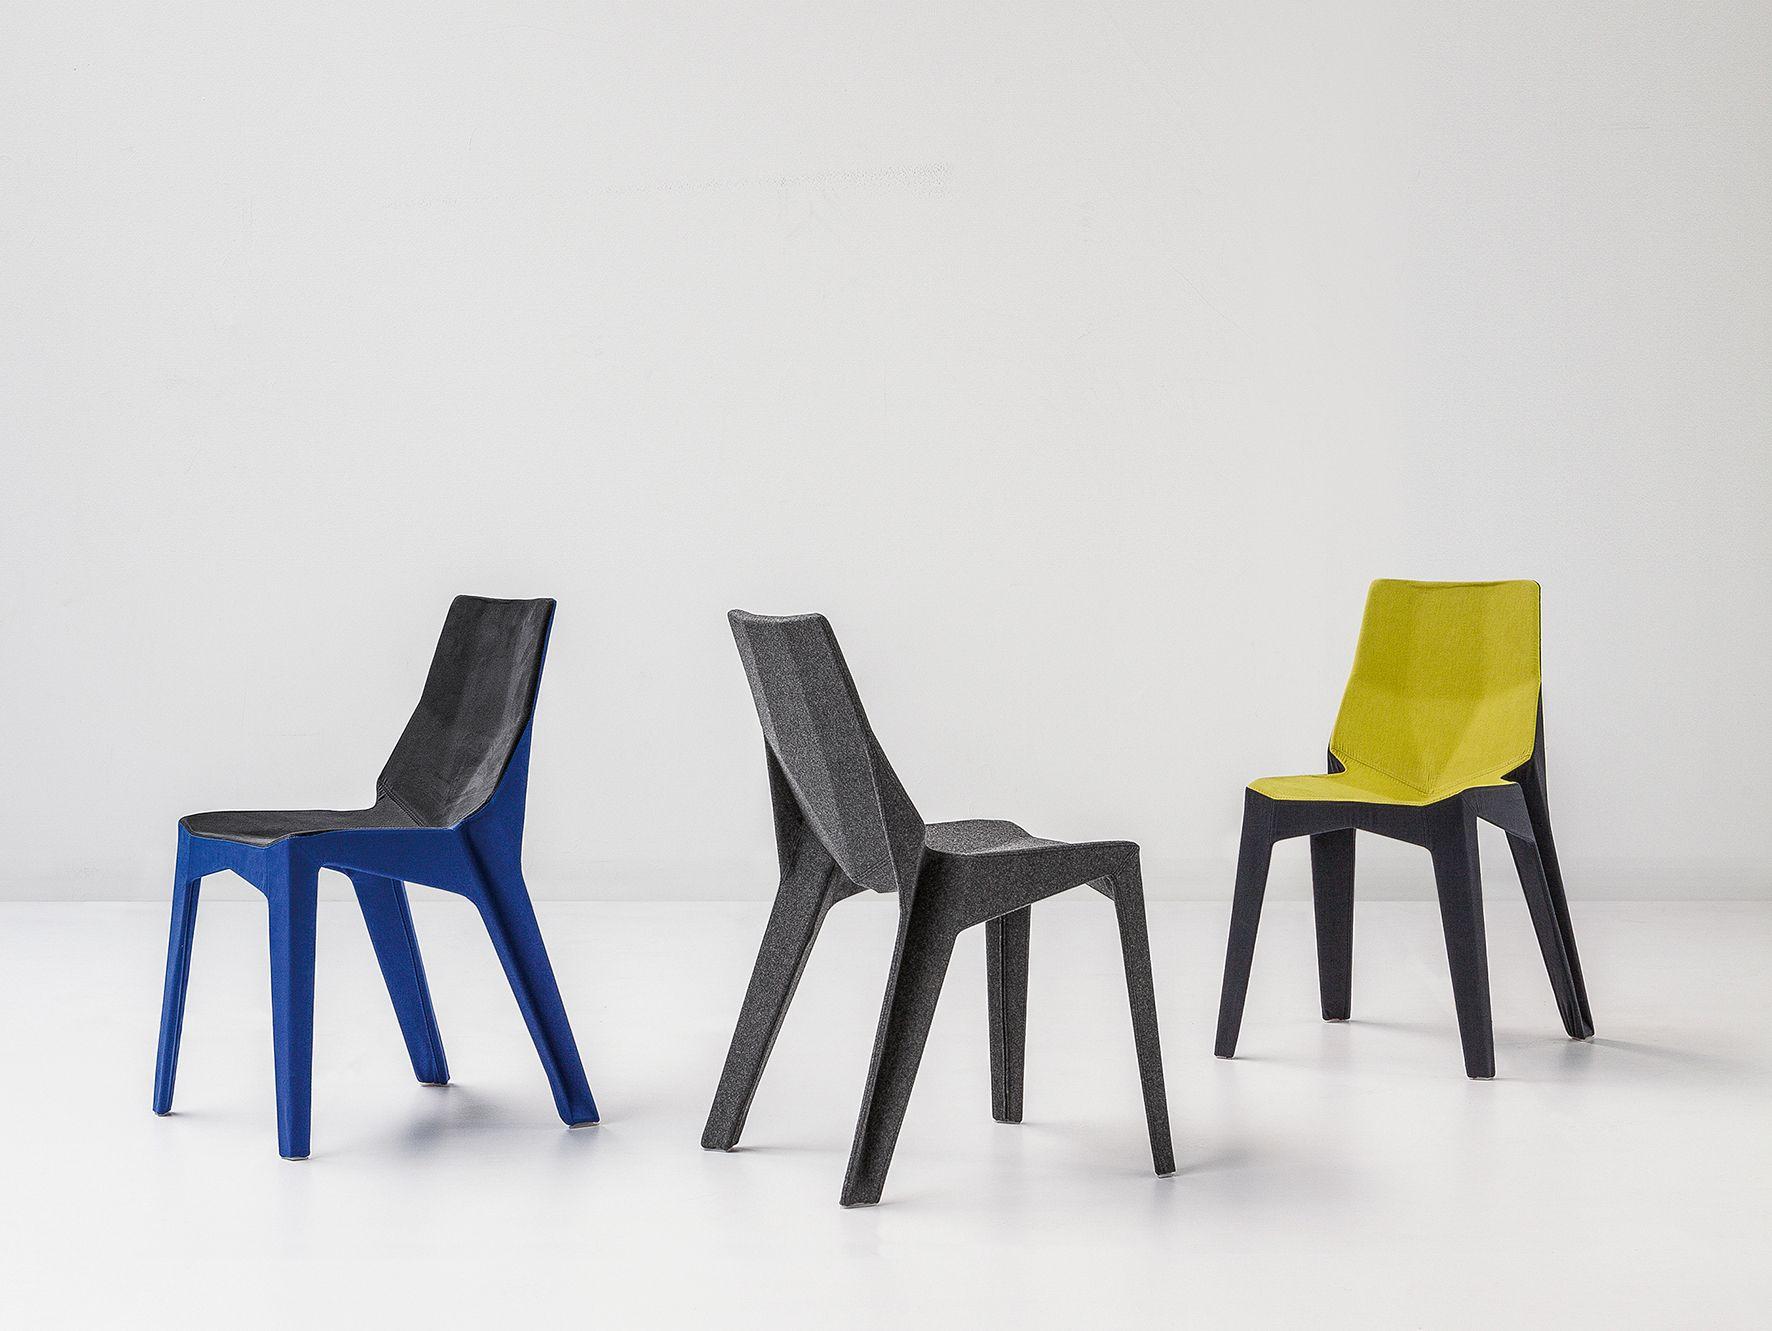 Cucine Lube Moderne Idea Creativa Della Casa E Dell Interior Design # Muebles Para Estetica Wizarjr